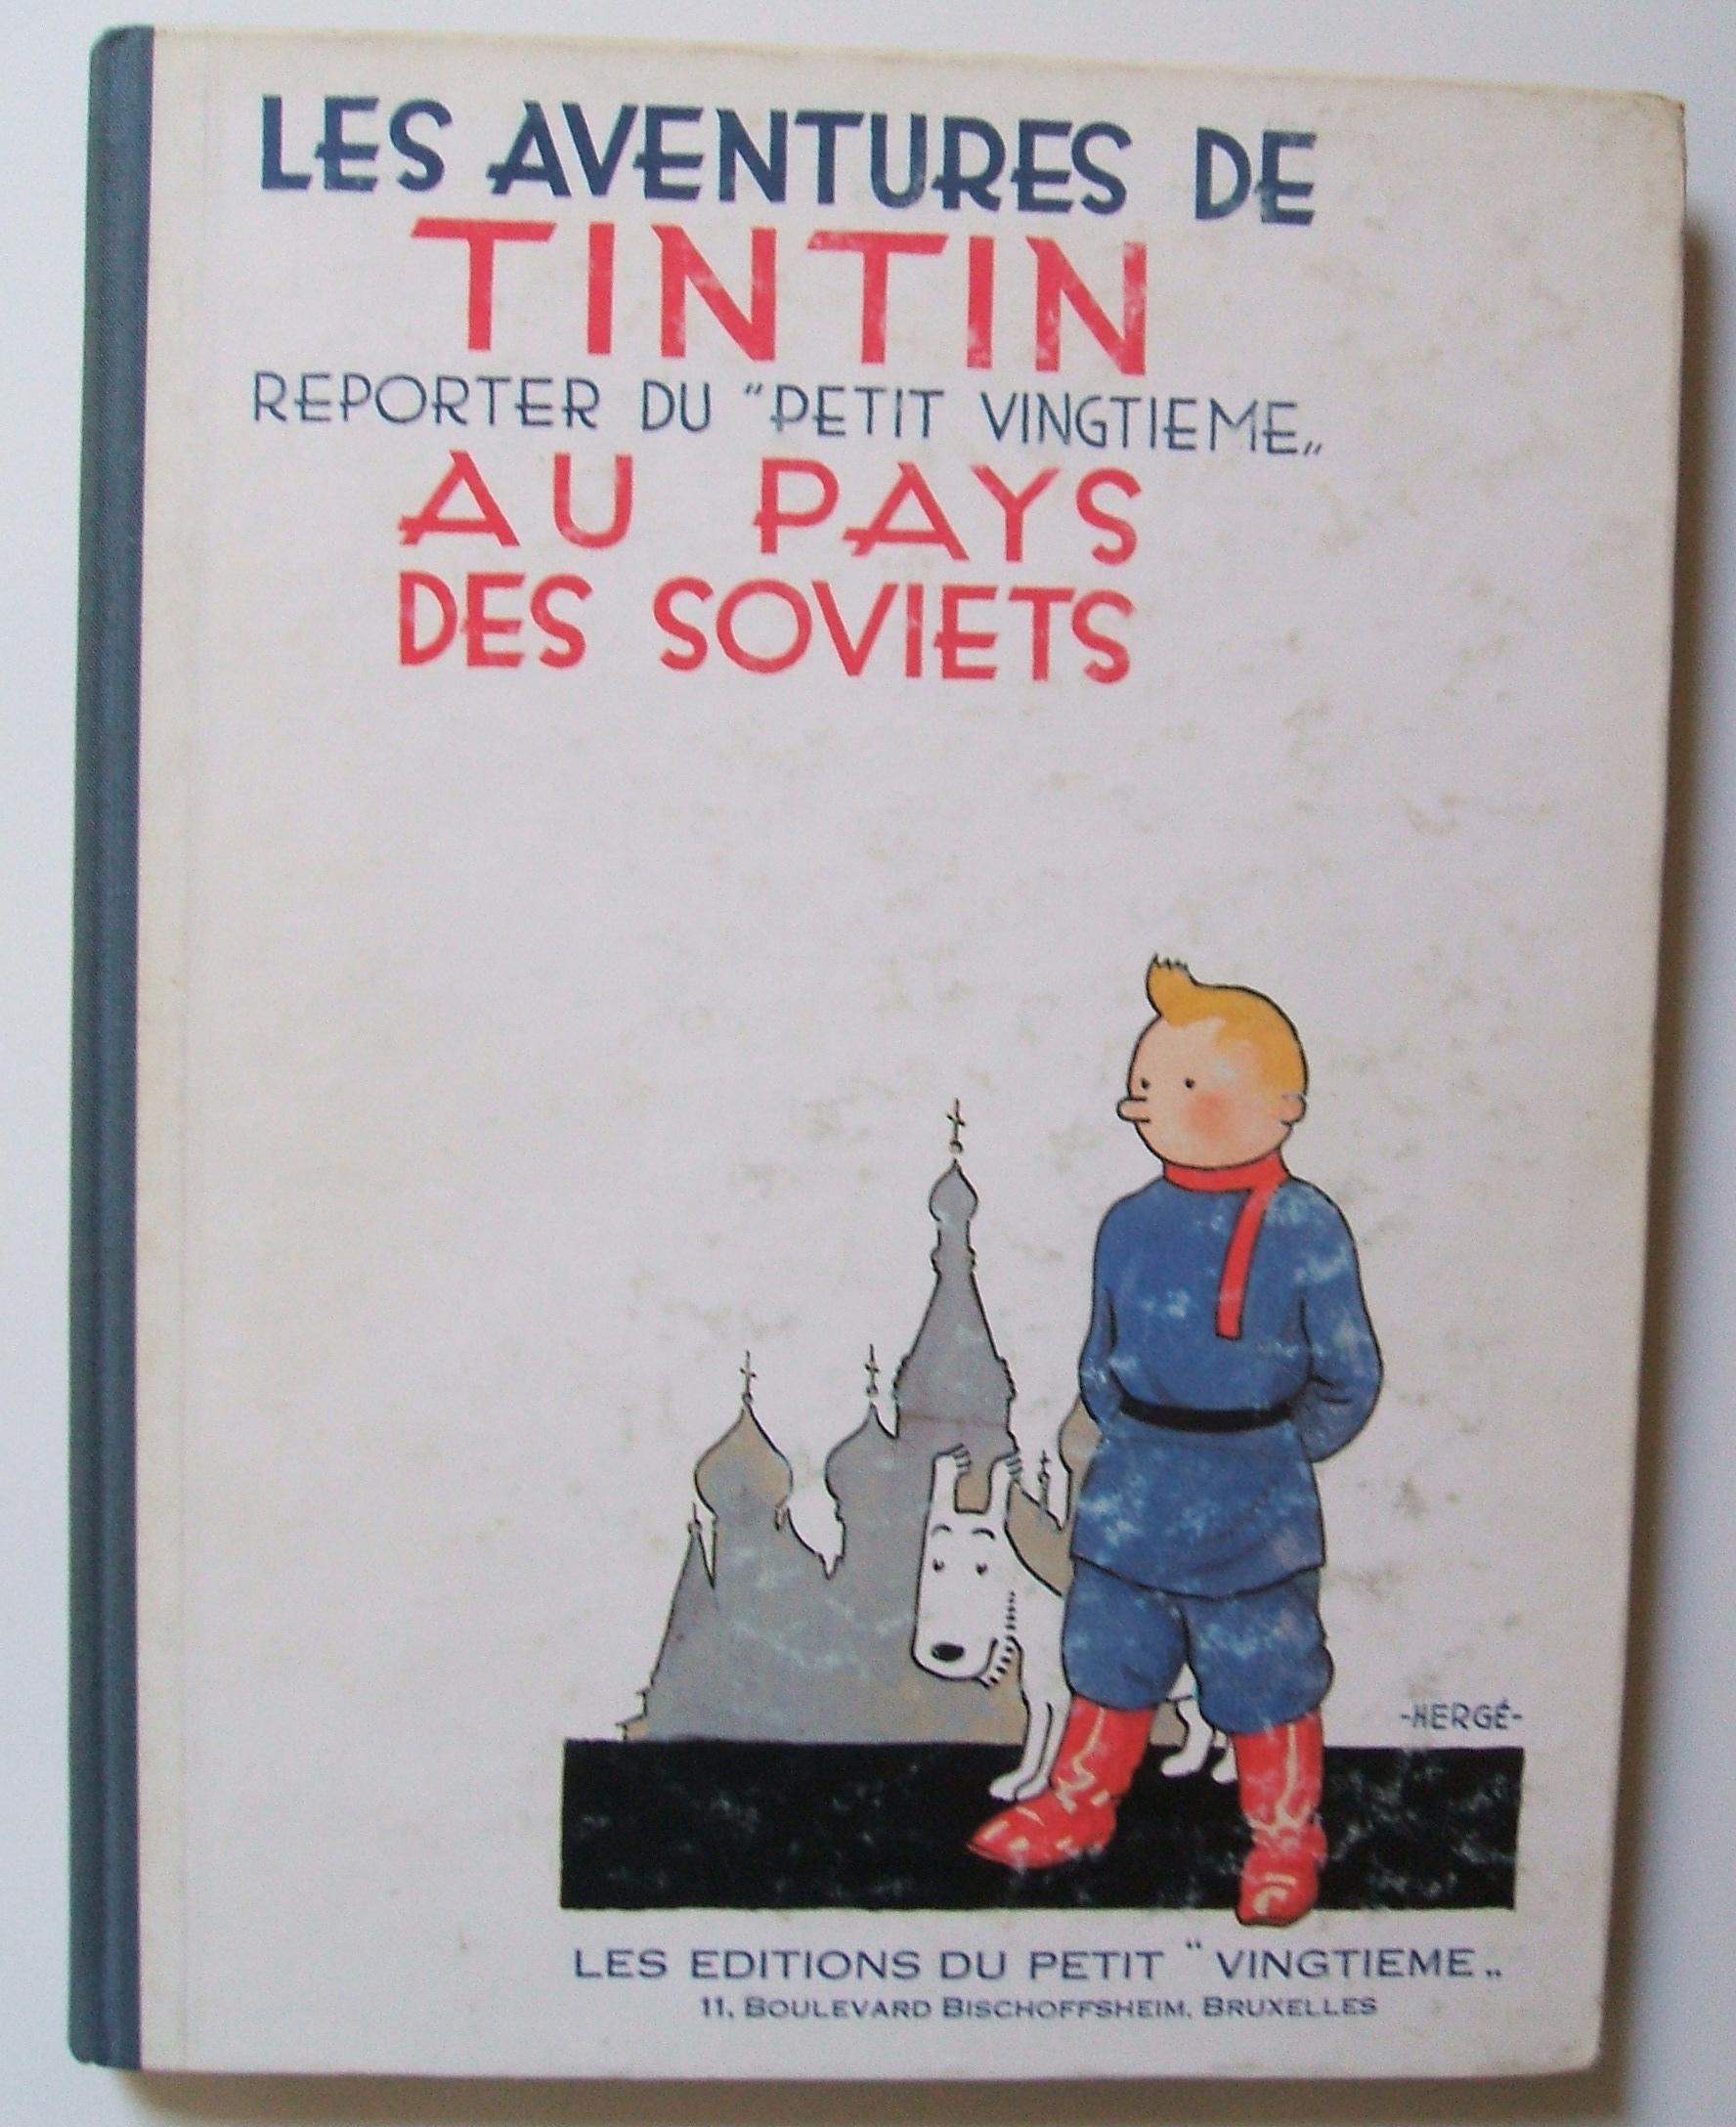 tintin soviet 1